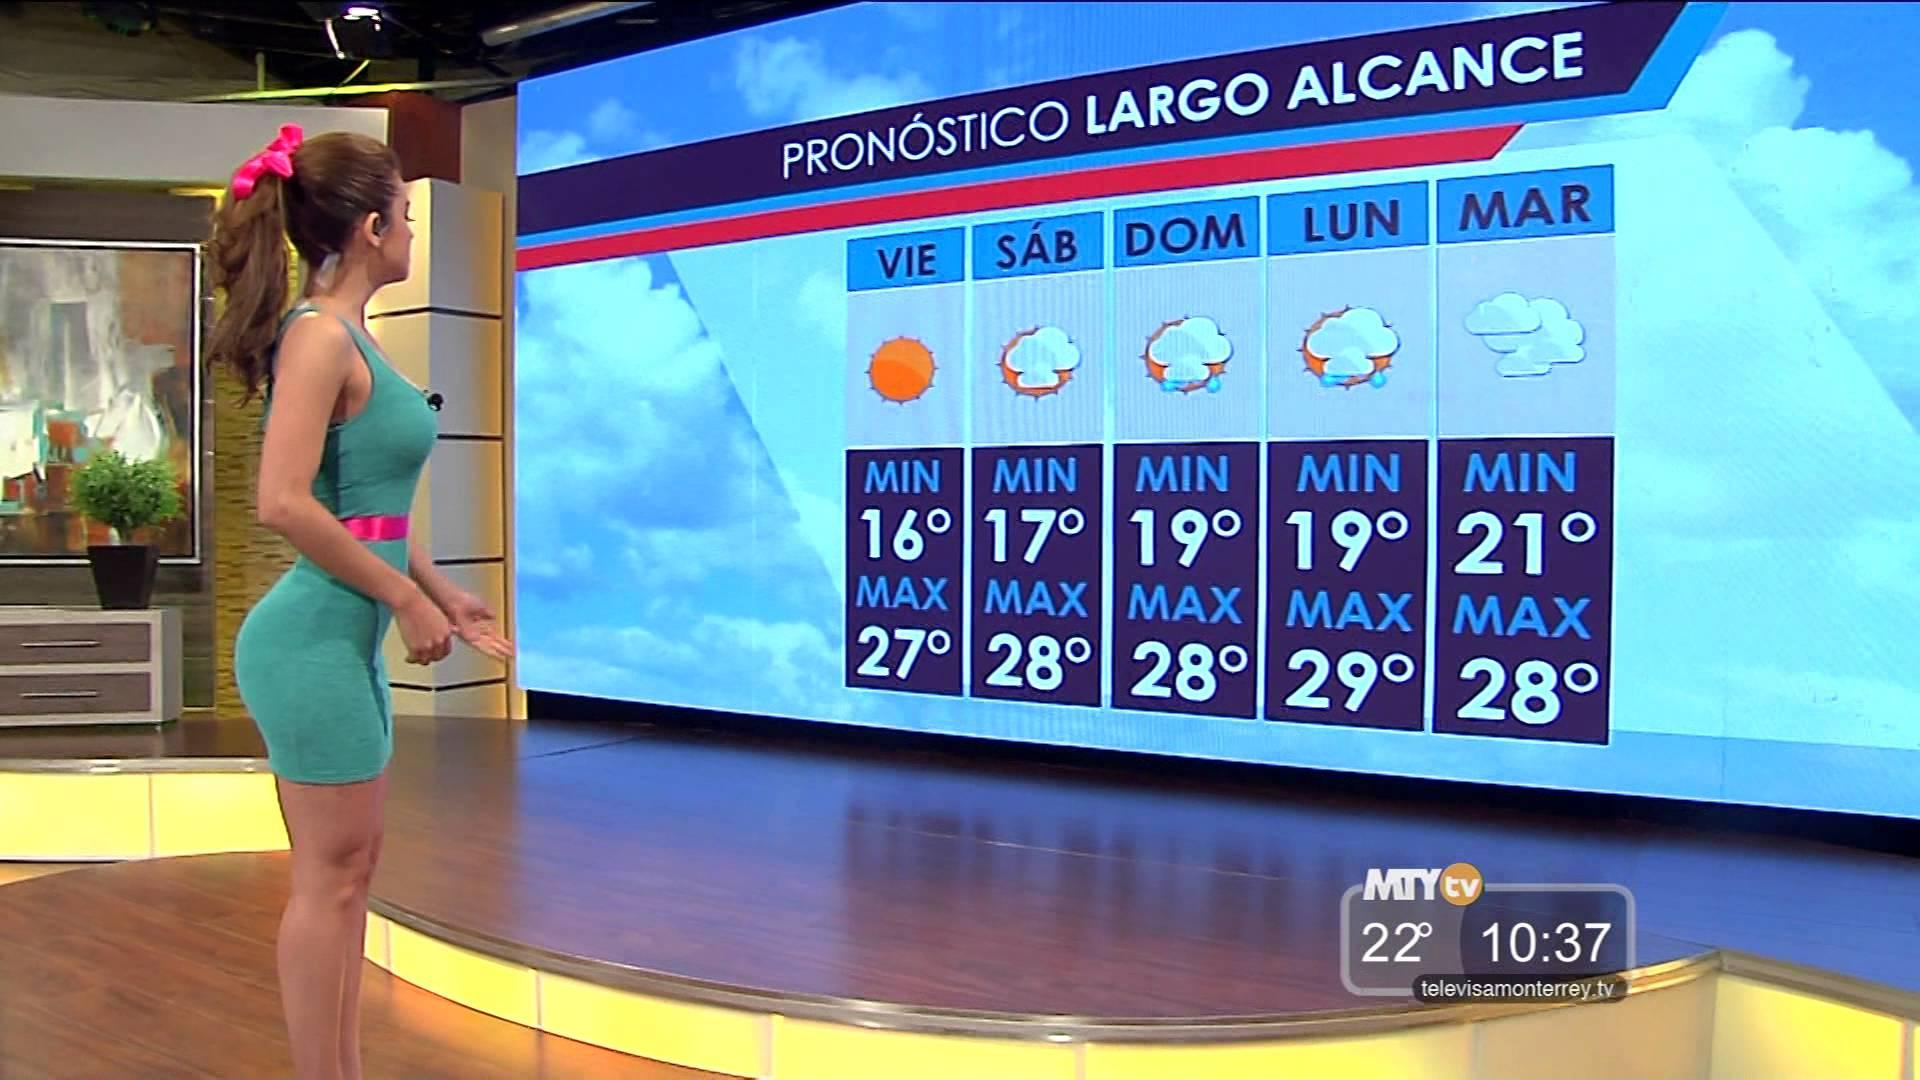 eroticheskiy-prognoz-pogodi-prognoz-pogoda